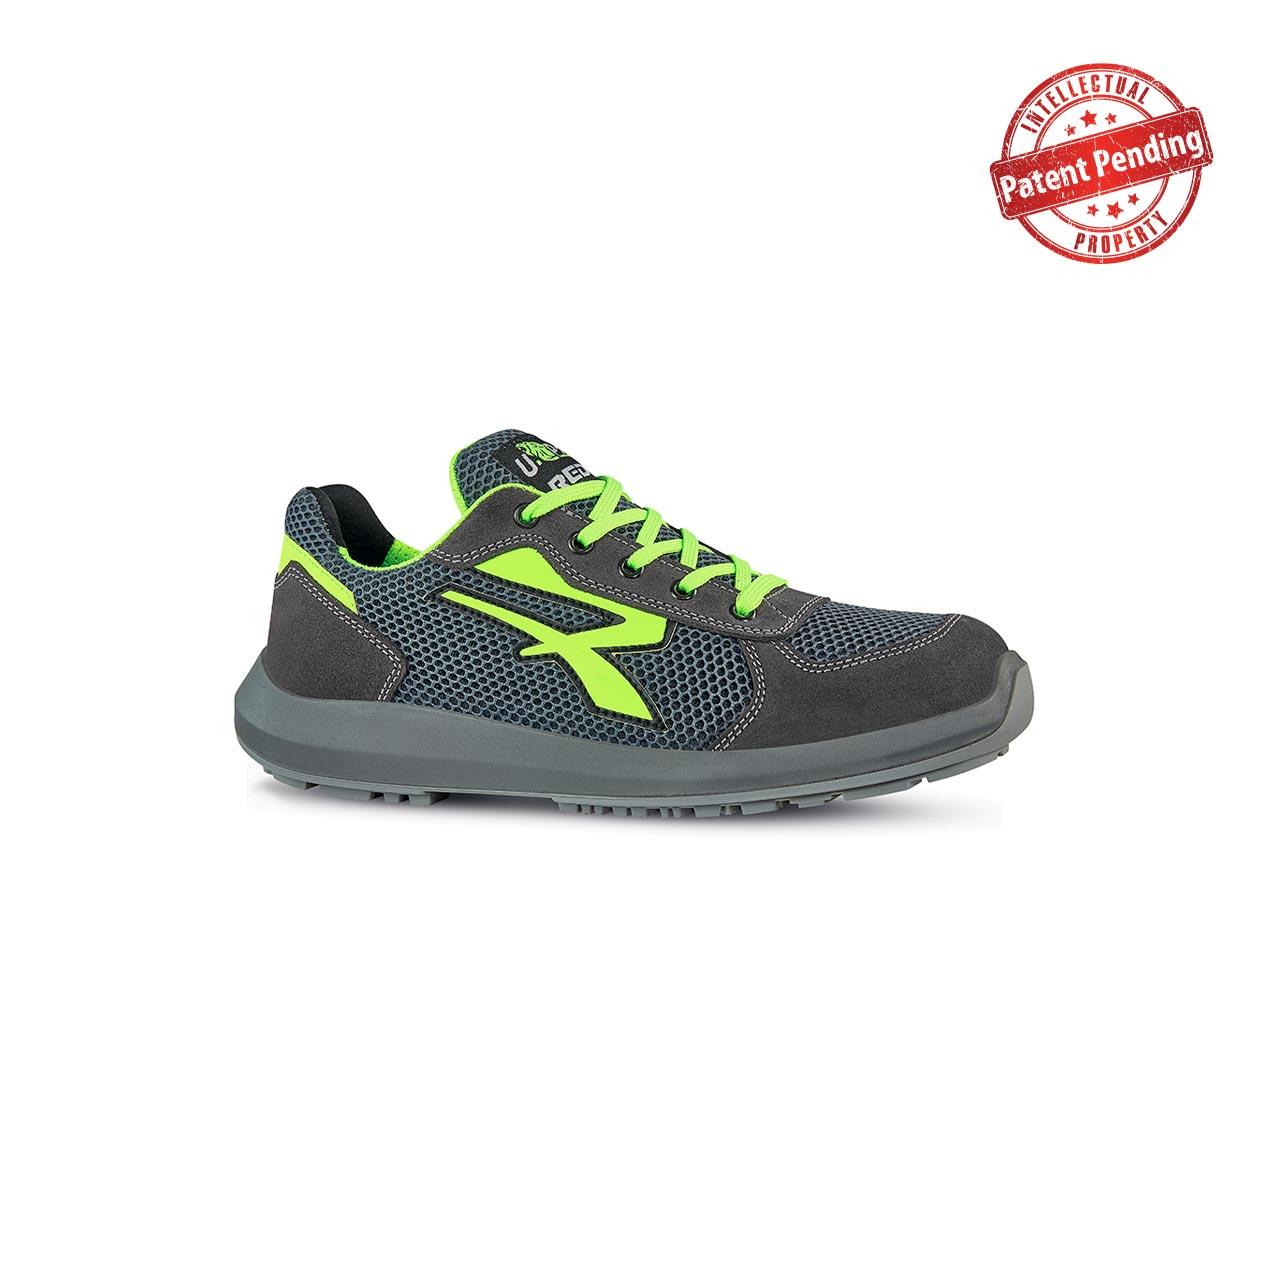 scarpa antinfortunistica upower modello gemini linea redup vista laterale